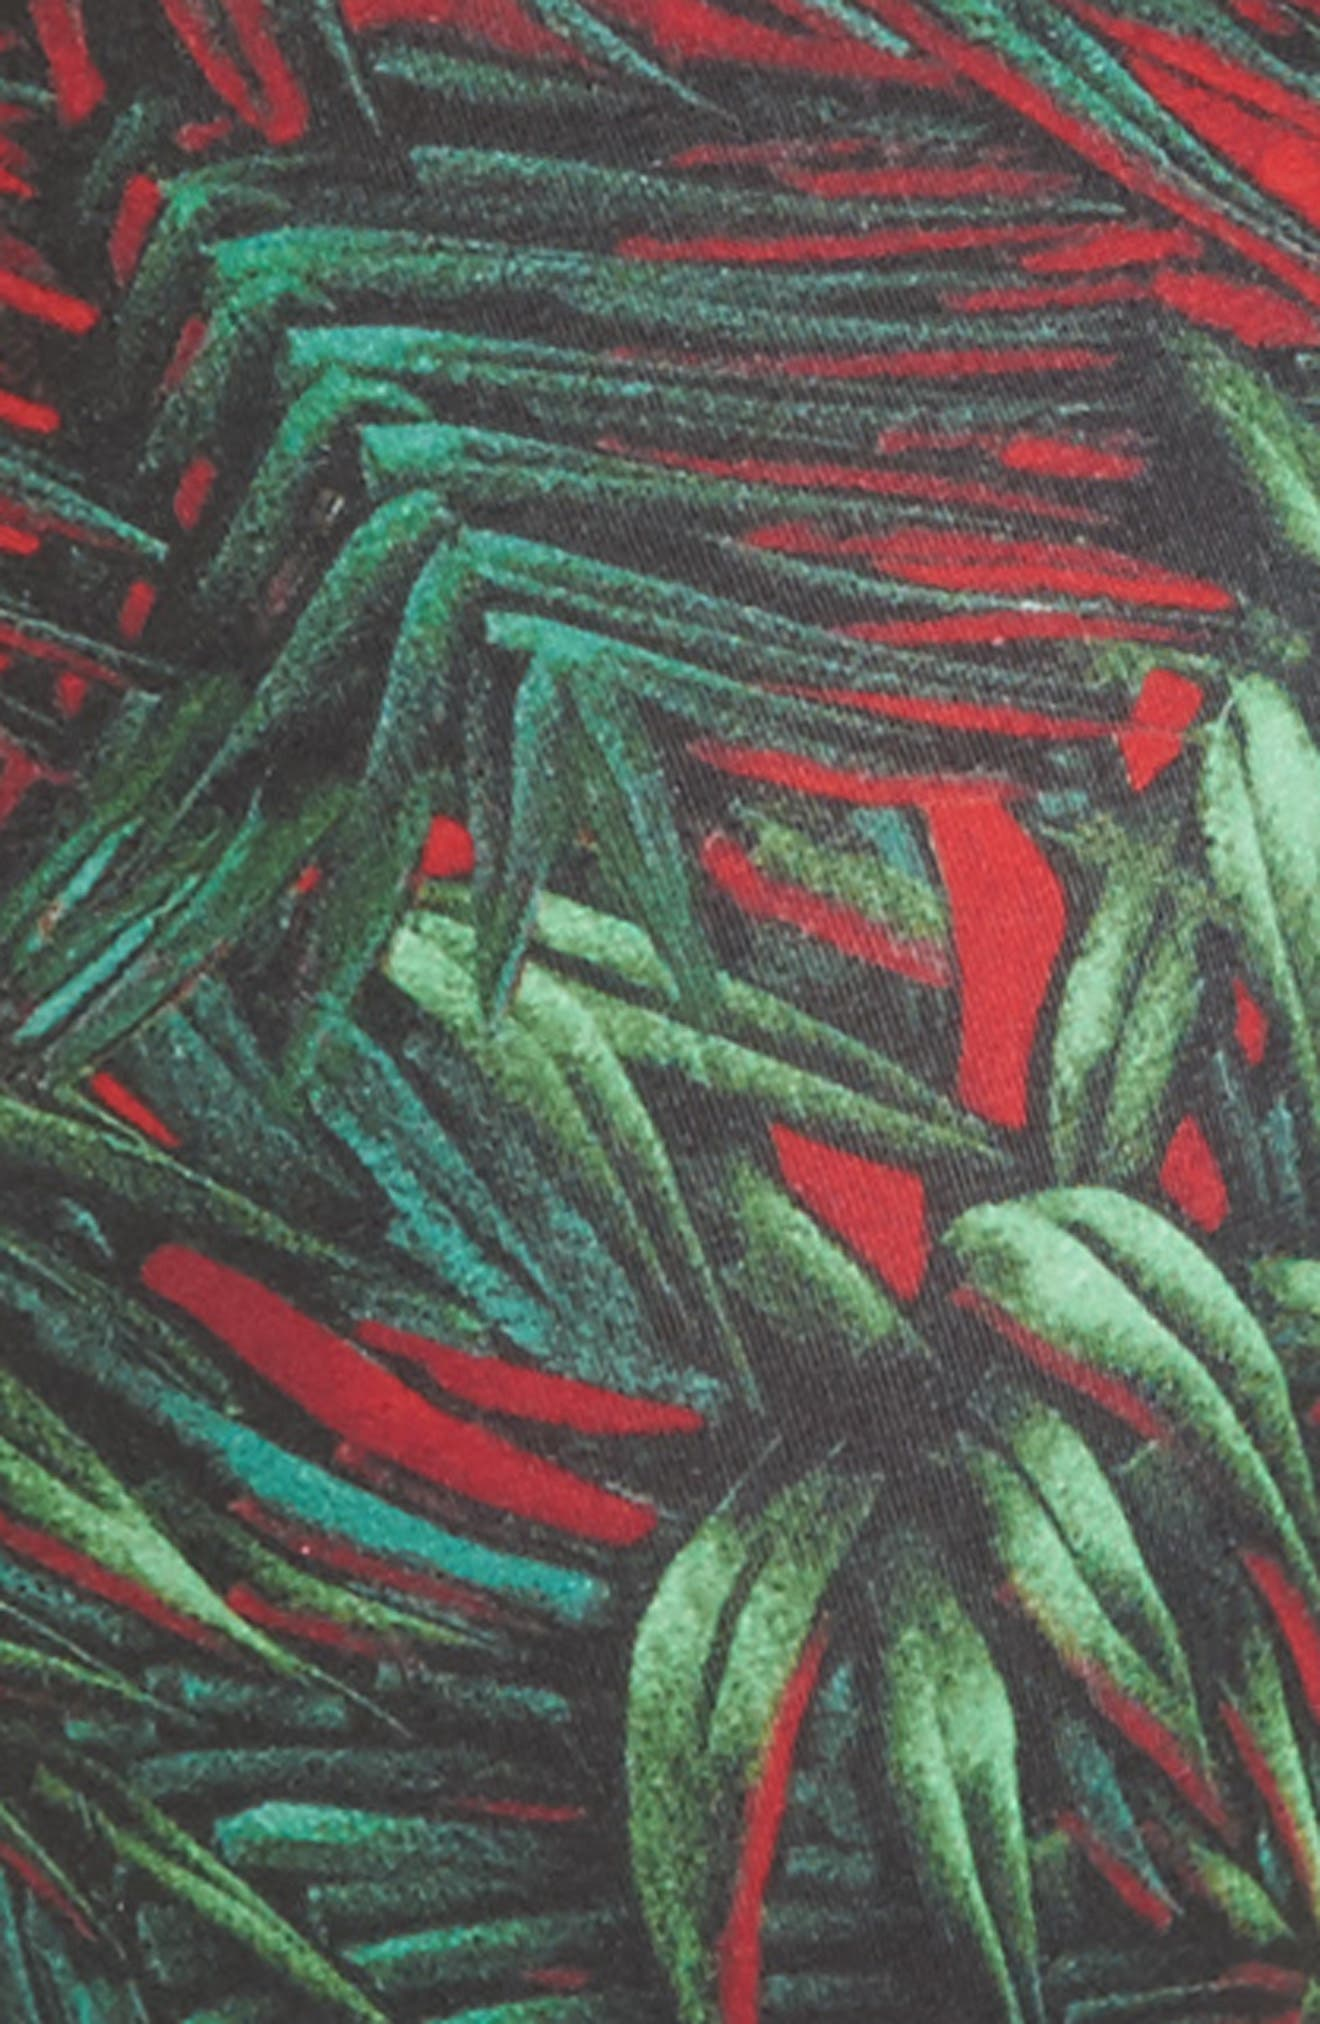 Electric Palms Boxer Briefs,                             Alternate thumbnail 4, color,                             301